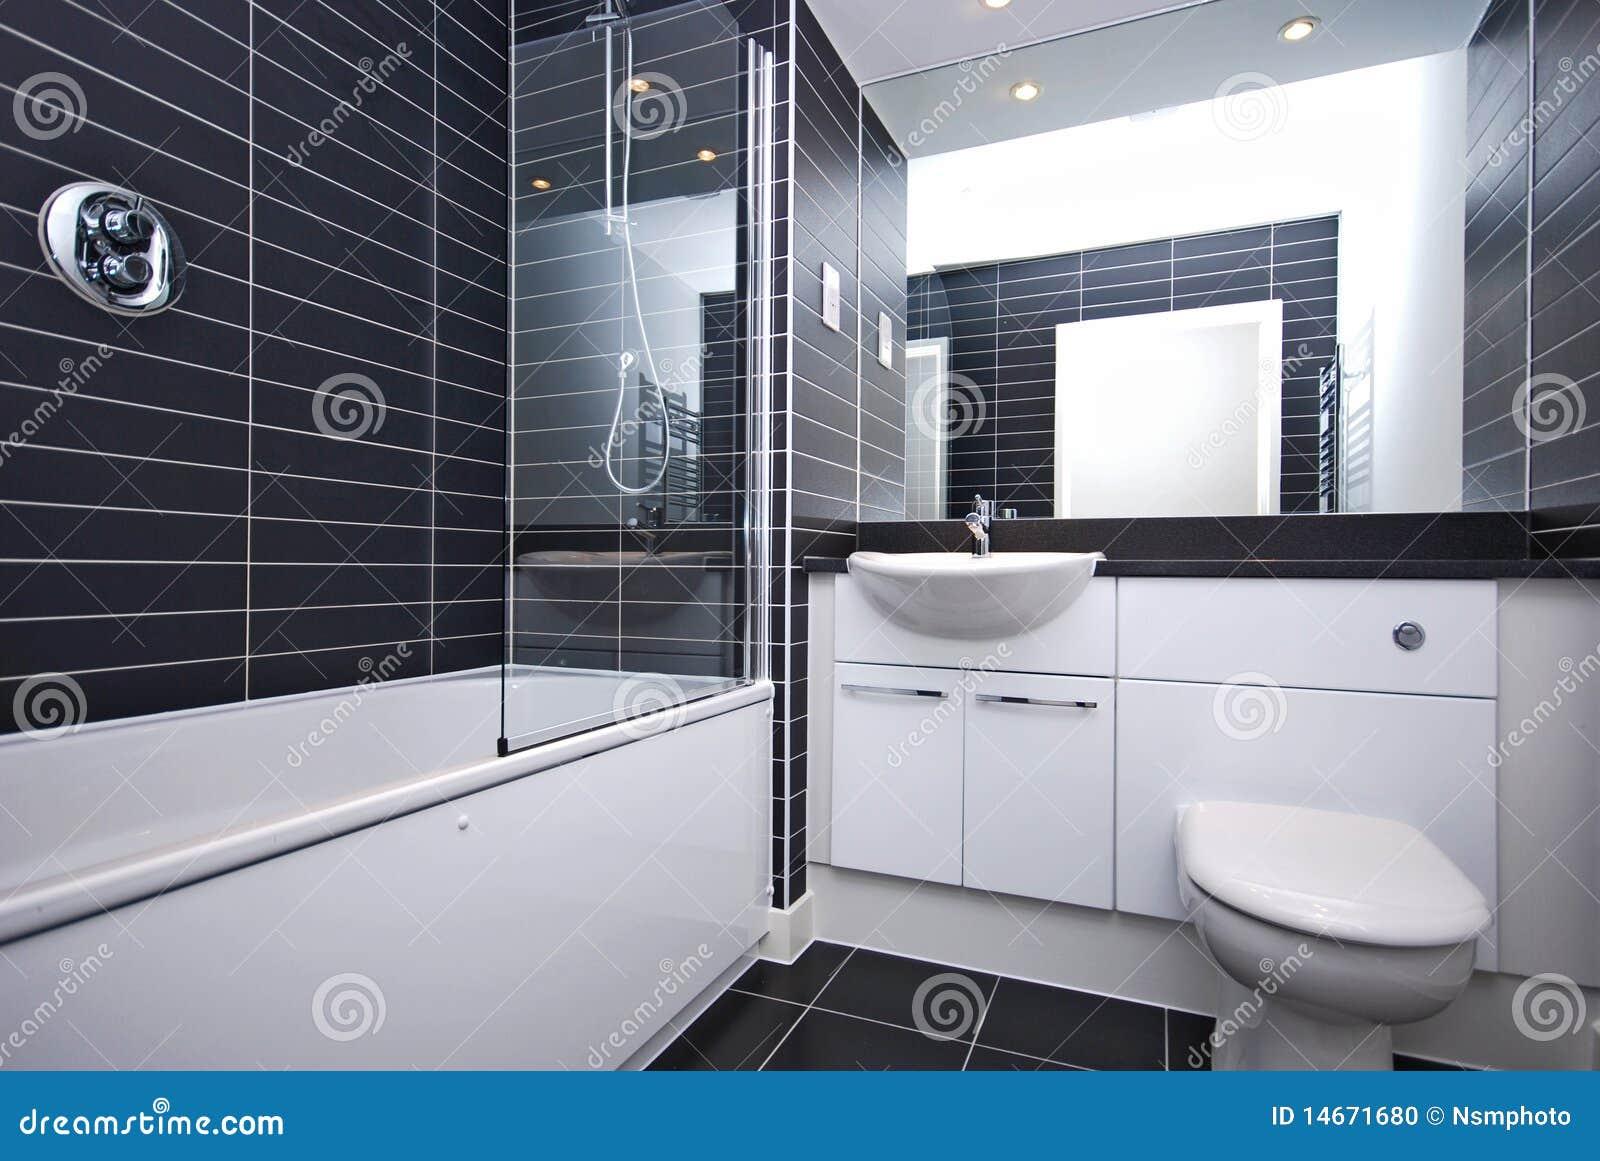 Banheiro Novo Moderno Em Preto E Branco Foto de Stock  Imagem 14671680 -> Banheiros Modernos Em Preto E Branco